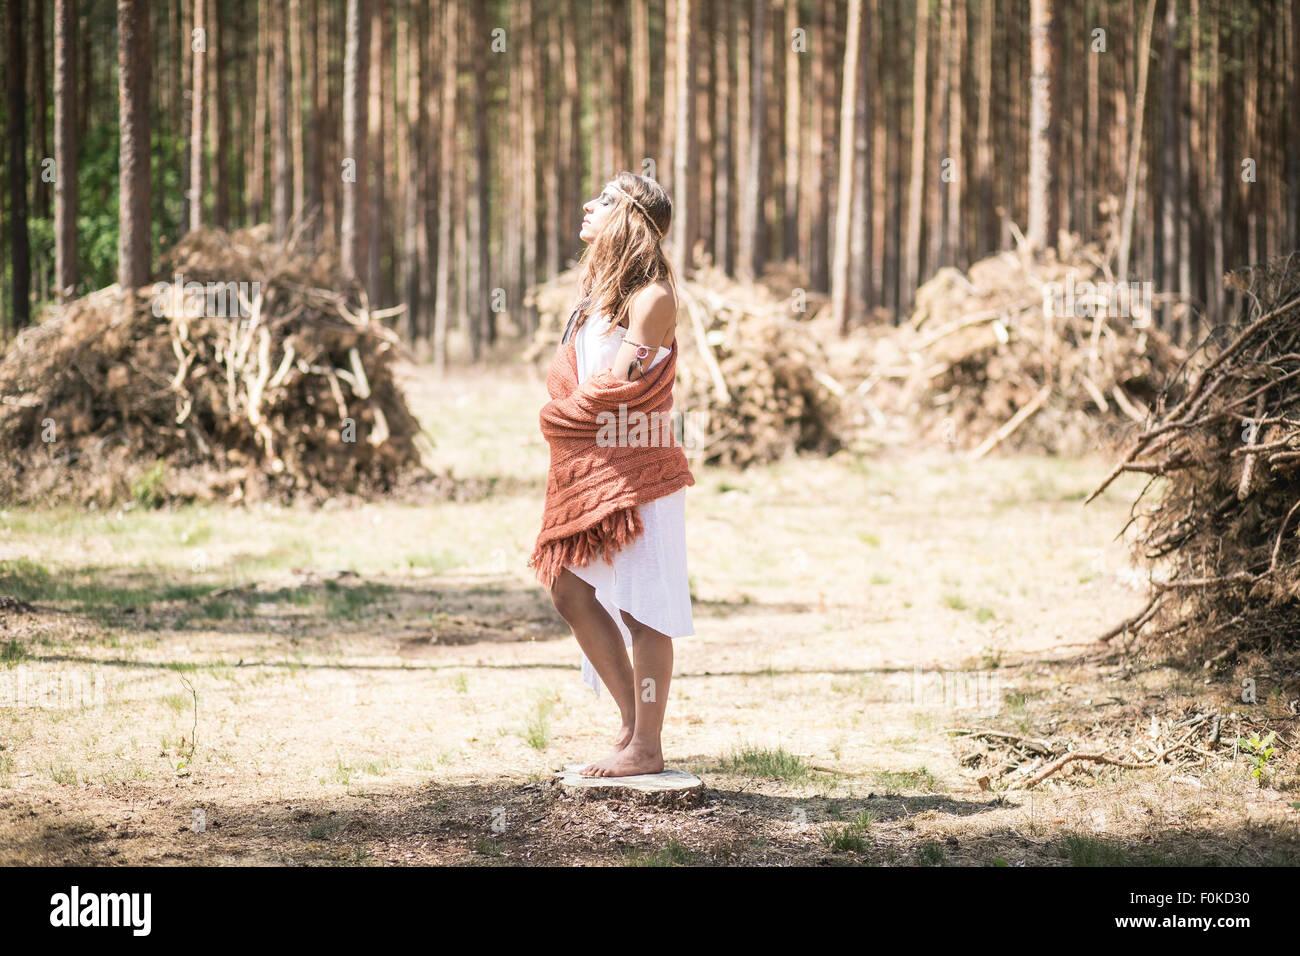 Mujer joven de pie en el bosque disfrutando de la tranquilidad Imagen De Stock